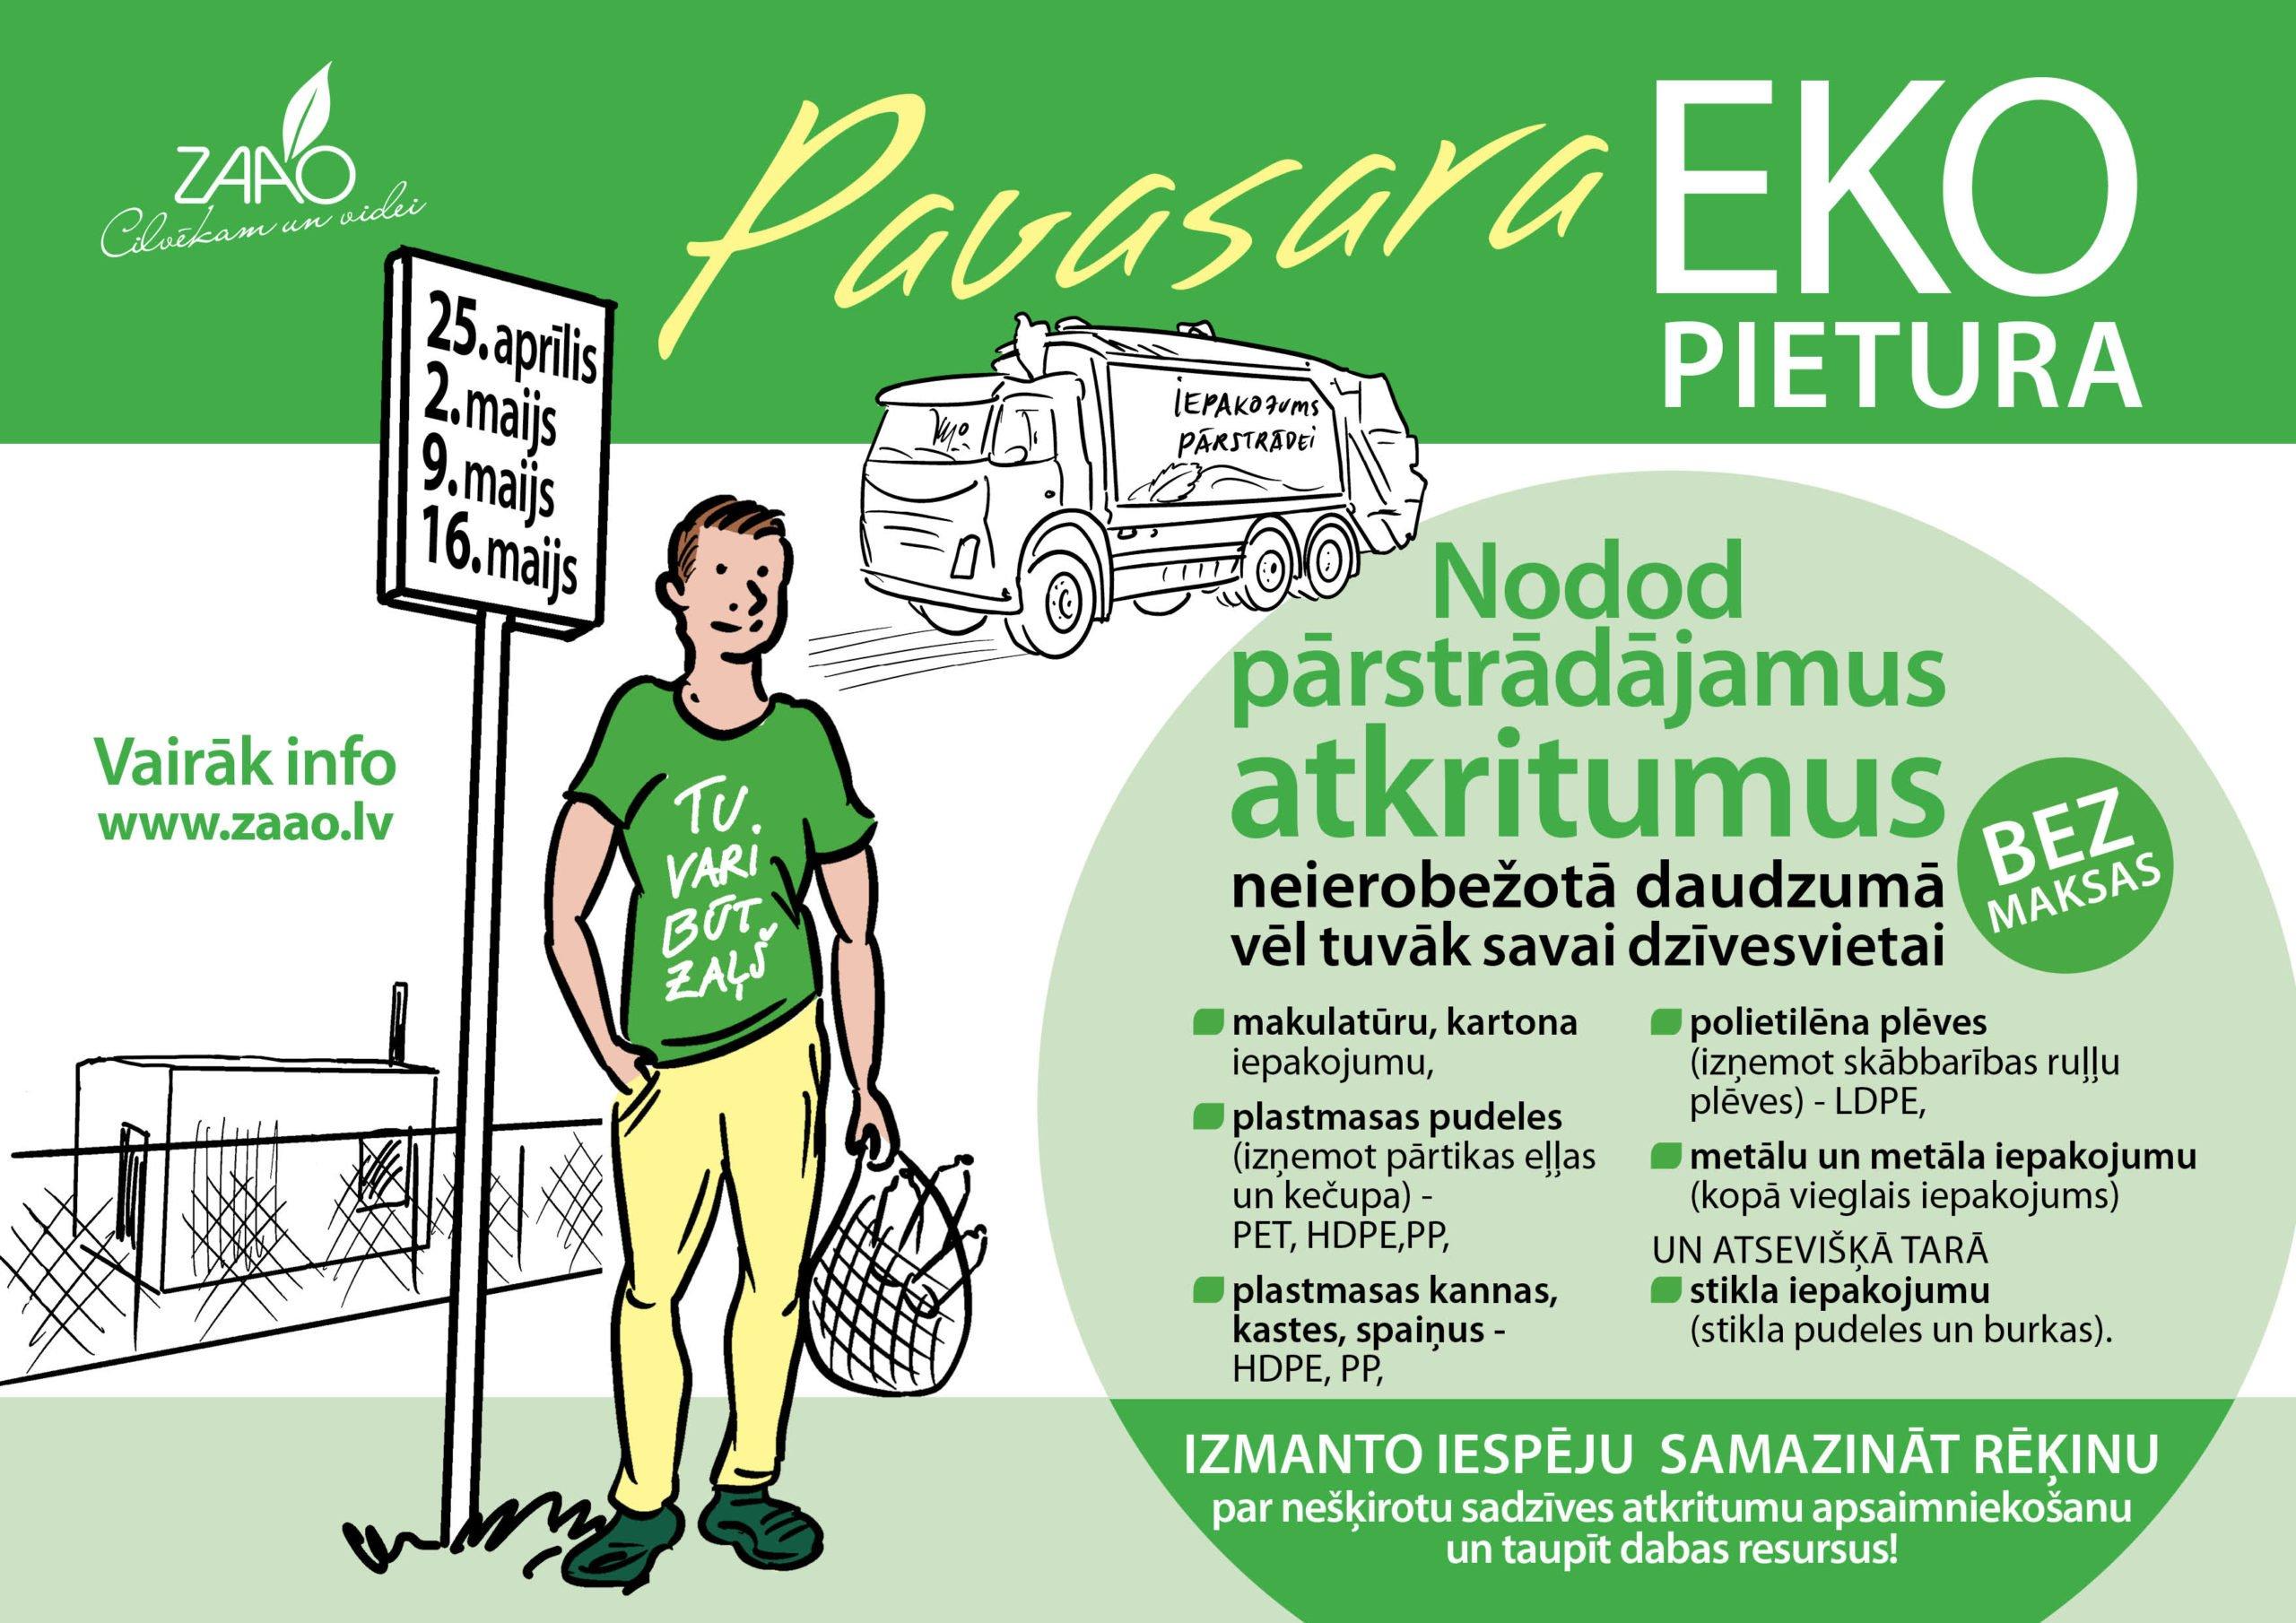 """Jau 25. aprīlī novadniekiem būs iespēja piedalīties akcijā """"Pavasara EKO pietura"""""""